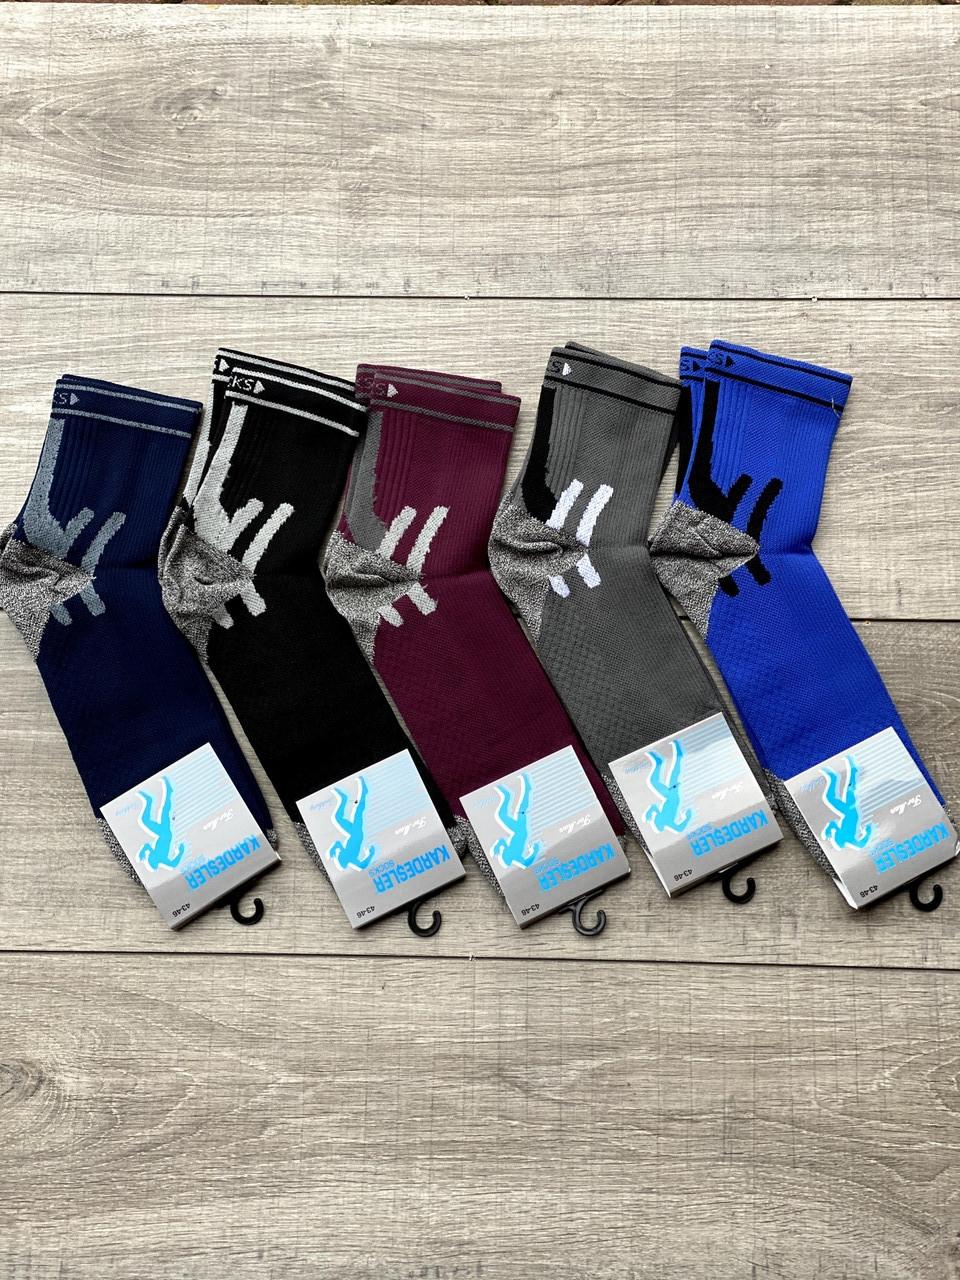 Чоловічі cередні шкарпетки Kardesler з мікрофібри спортивні носки  12 шт в уп мікс кольорів